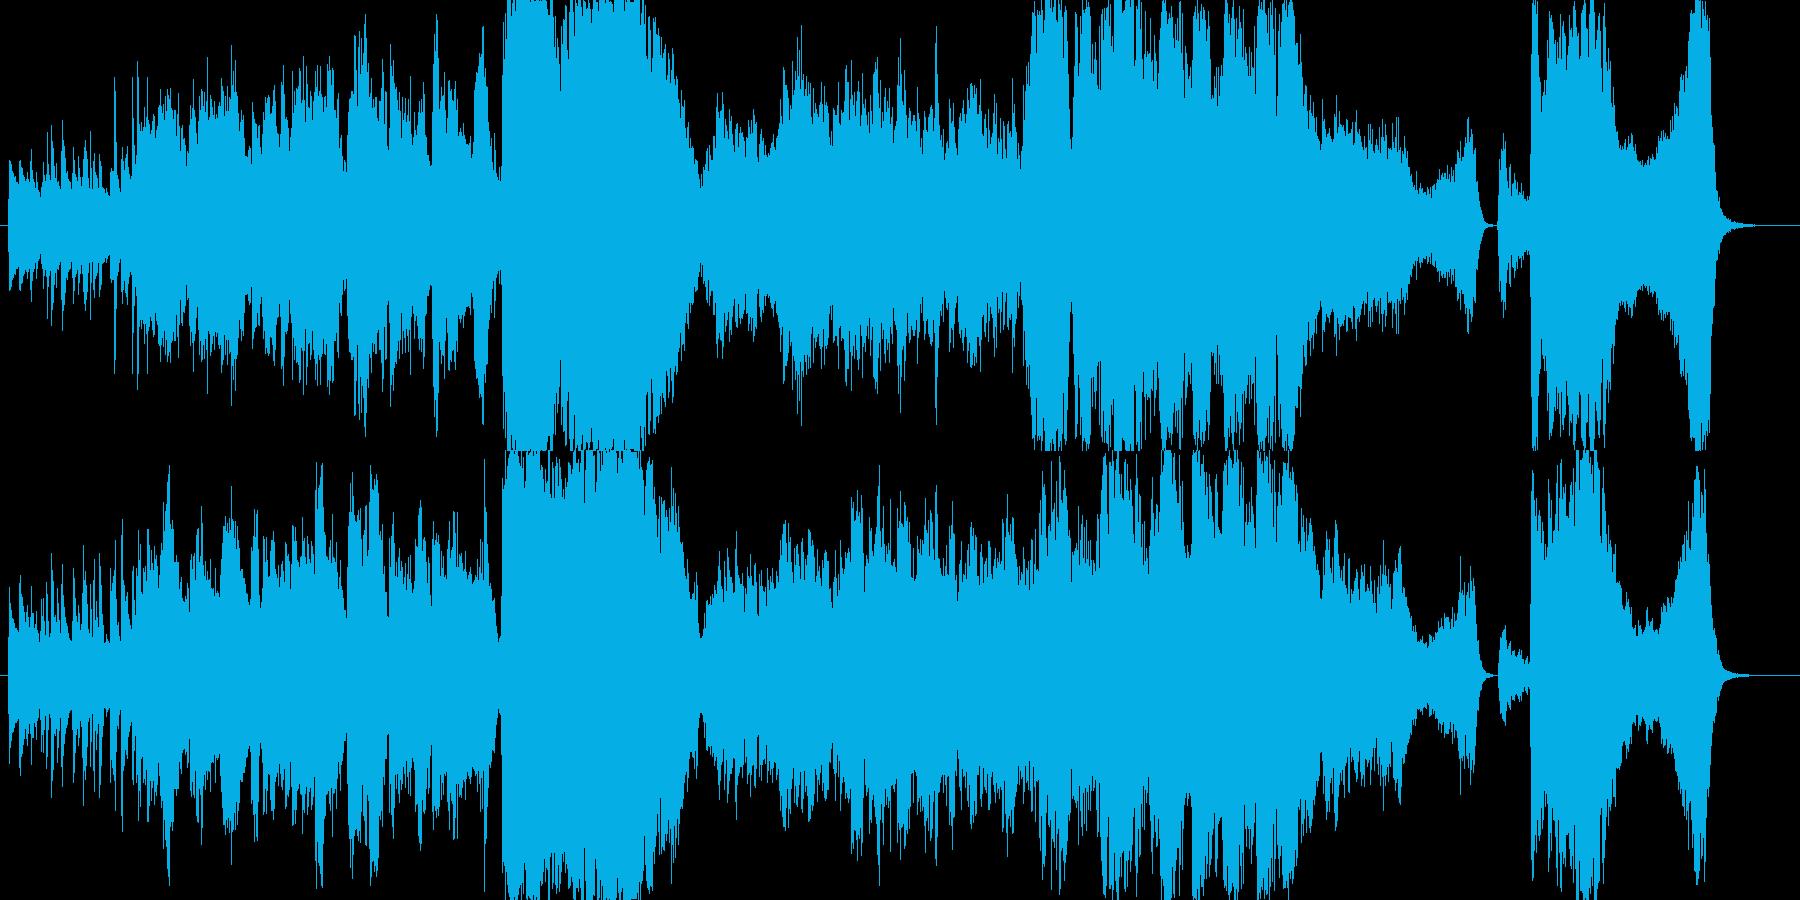 サックスとクラの生演奏ジャズワルツの再生済みの波形